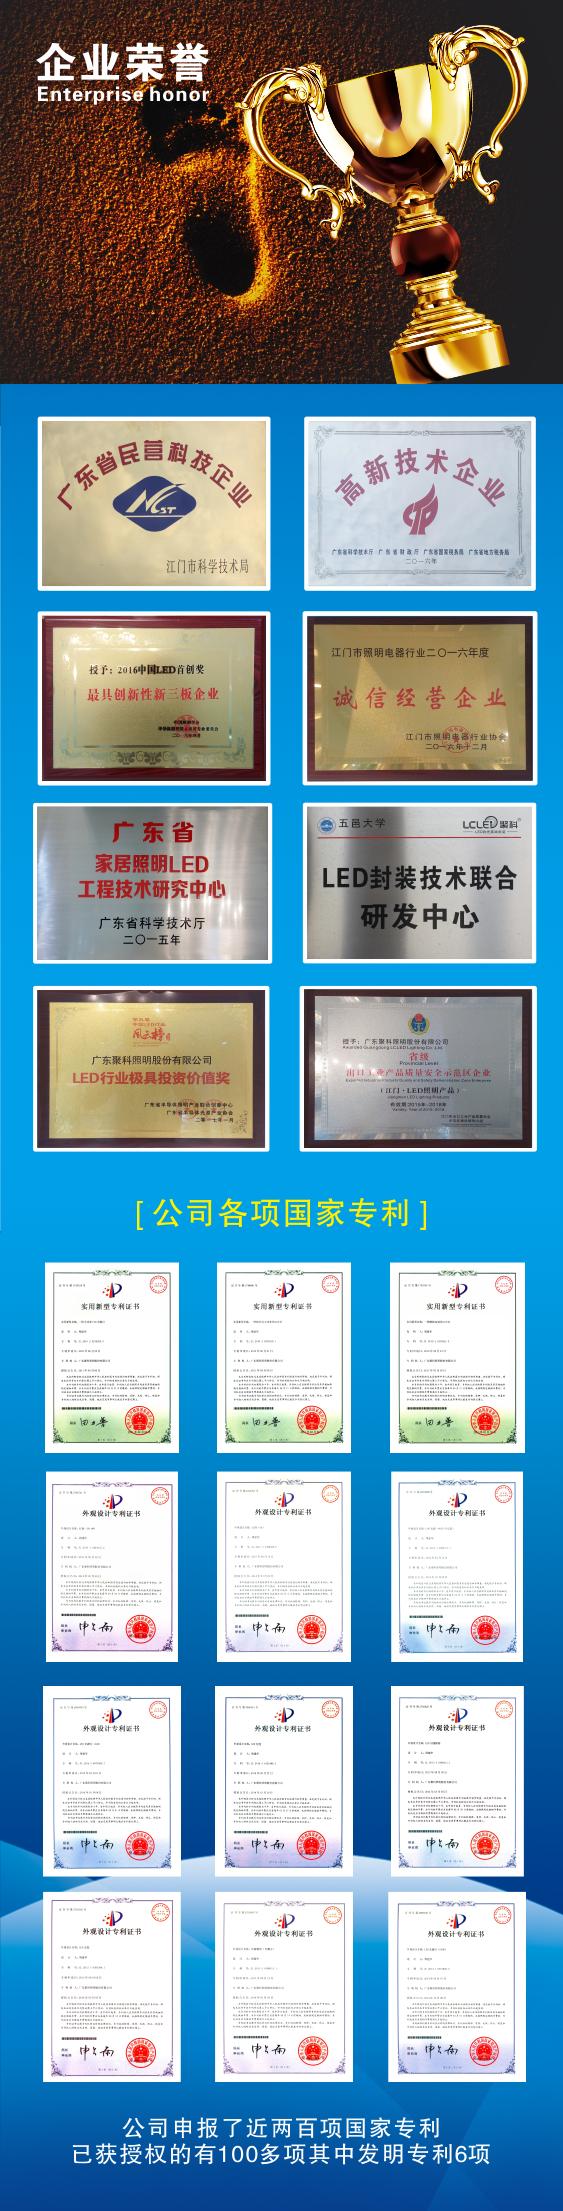 企业荣誉2.png